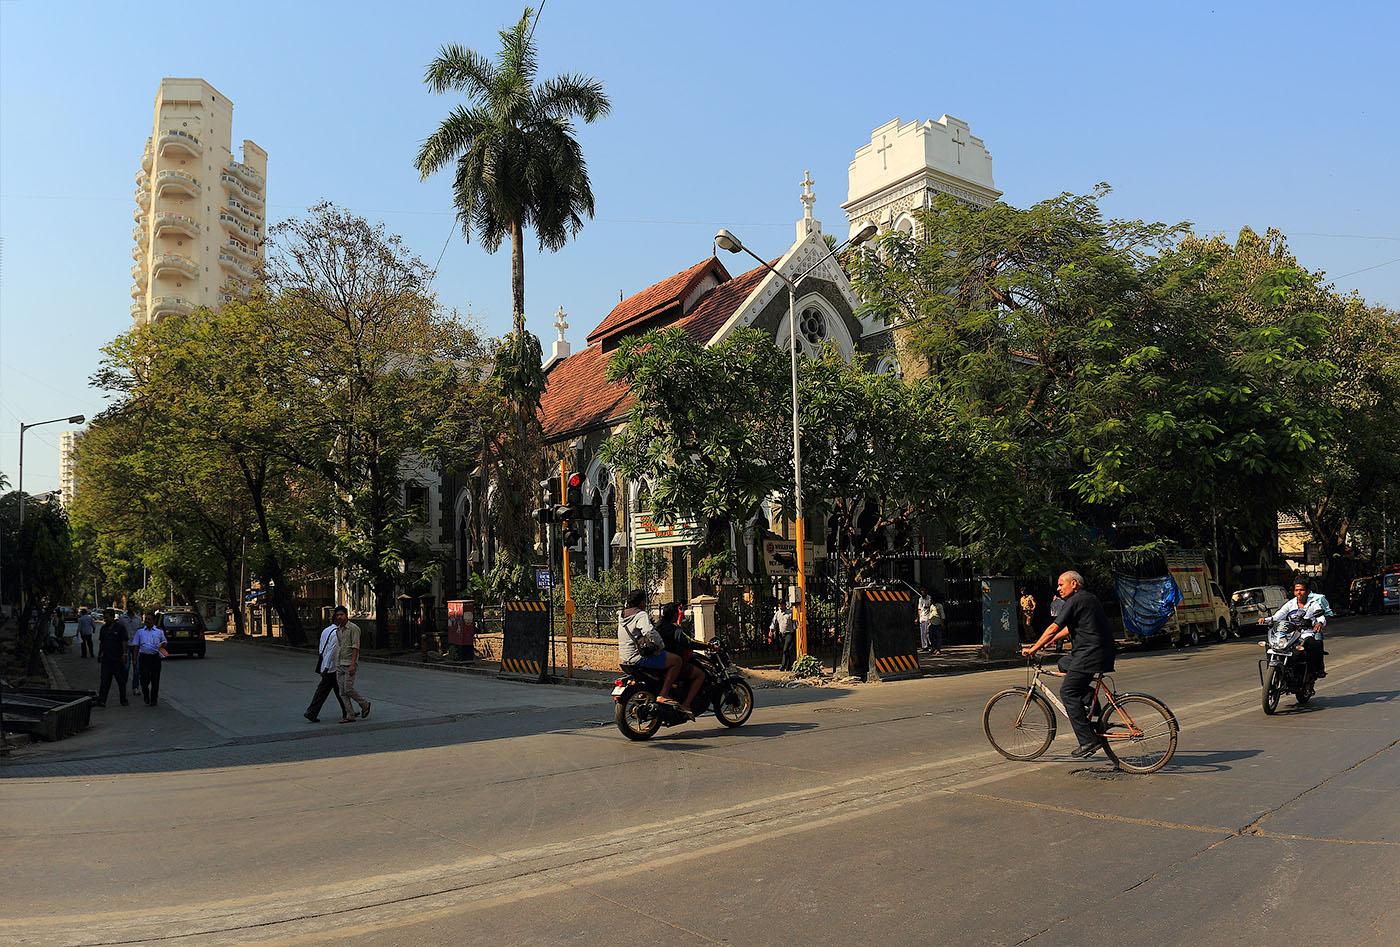 Фотография 6. Поездки в Мумбаи. Отзывы туристов. Католический храм на улице Козуэй. Путешествие по Индии туристов из России. (камера Canon EOS 6D, объектив Canon 17-40/4L, настройки при съемке: 1/320, f/6.3, -1EV, ISO 100, 21)